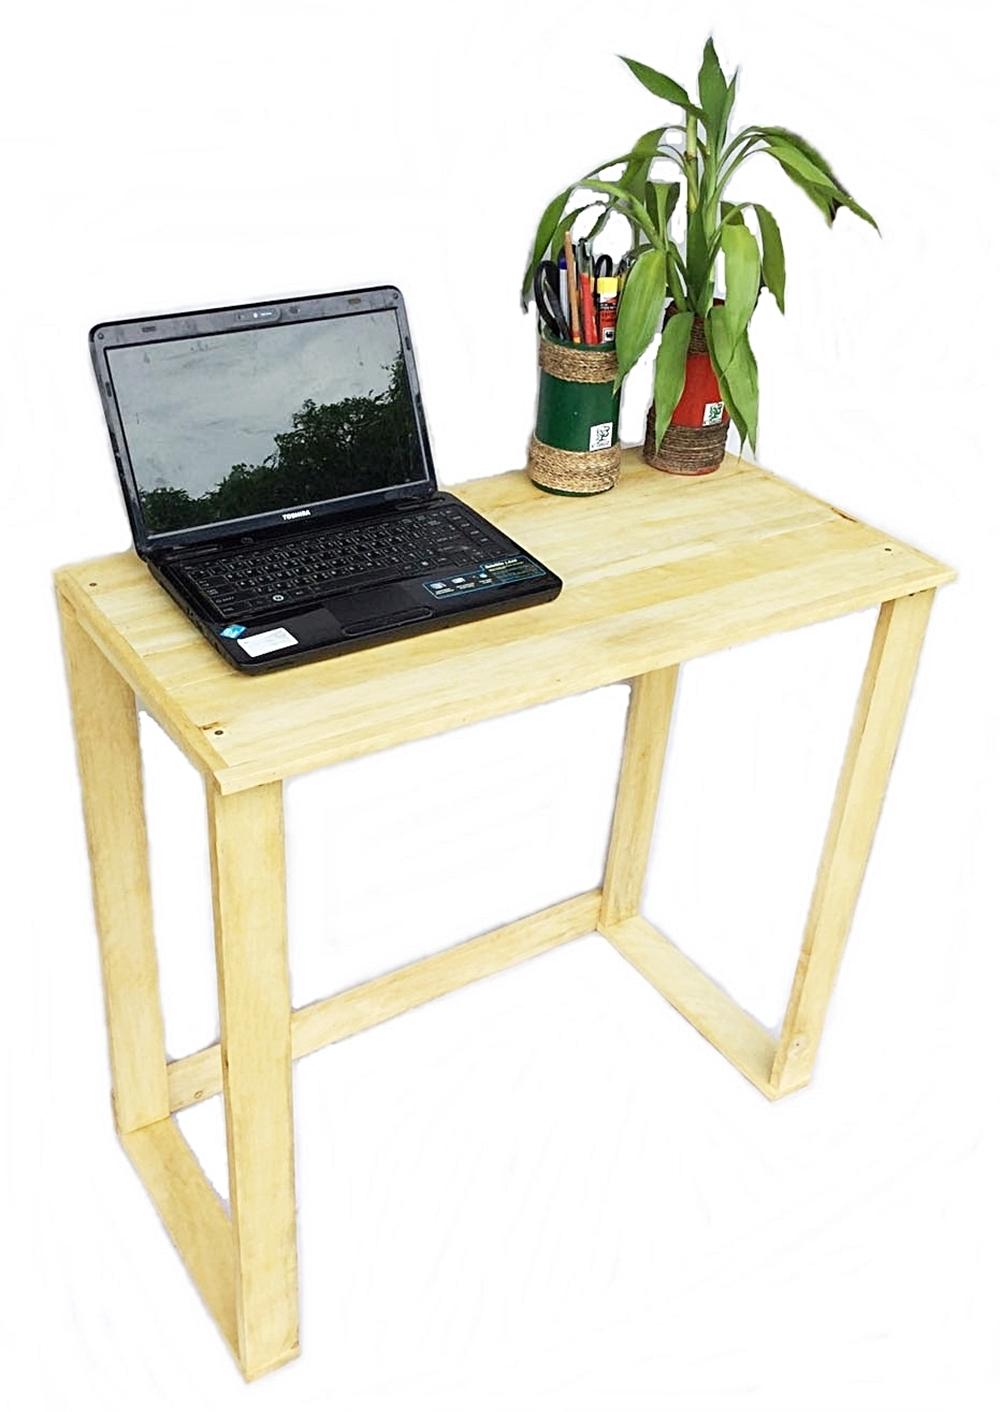 โต๊ะทำงาน โต๊ะคอมพิวเตอร์ โต๊ะเขียนหนังสือ